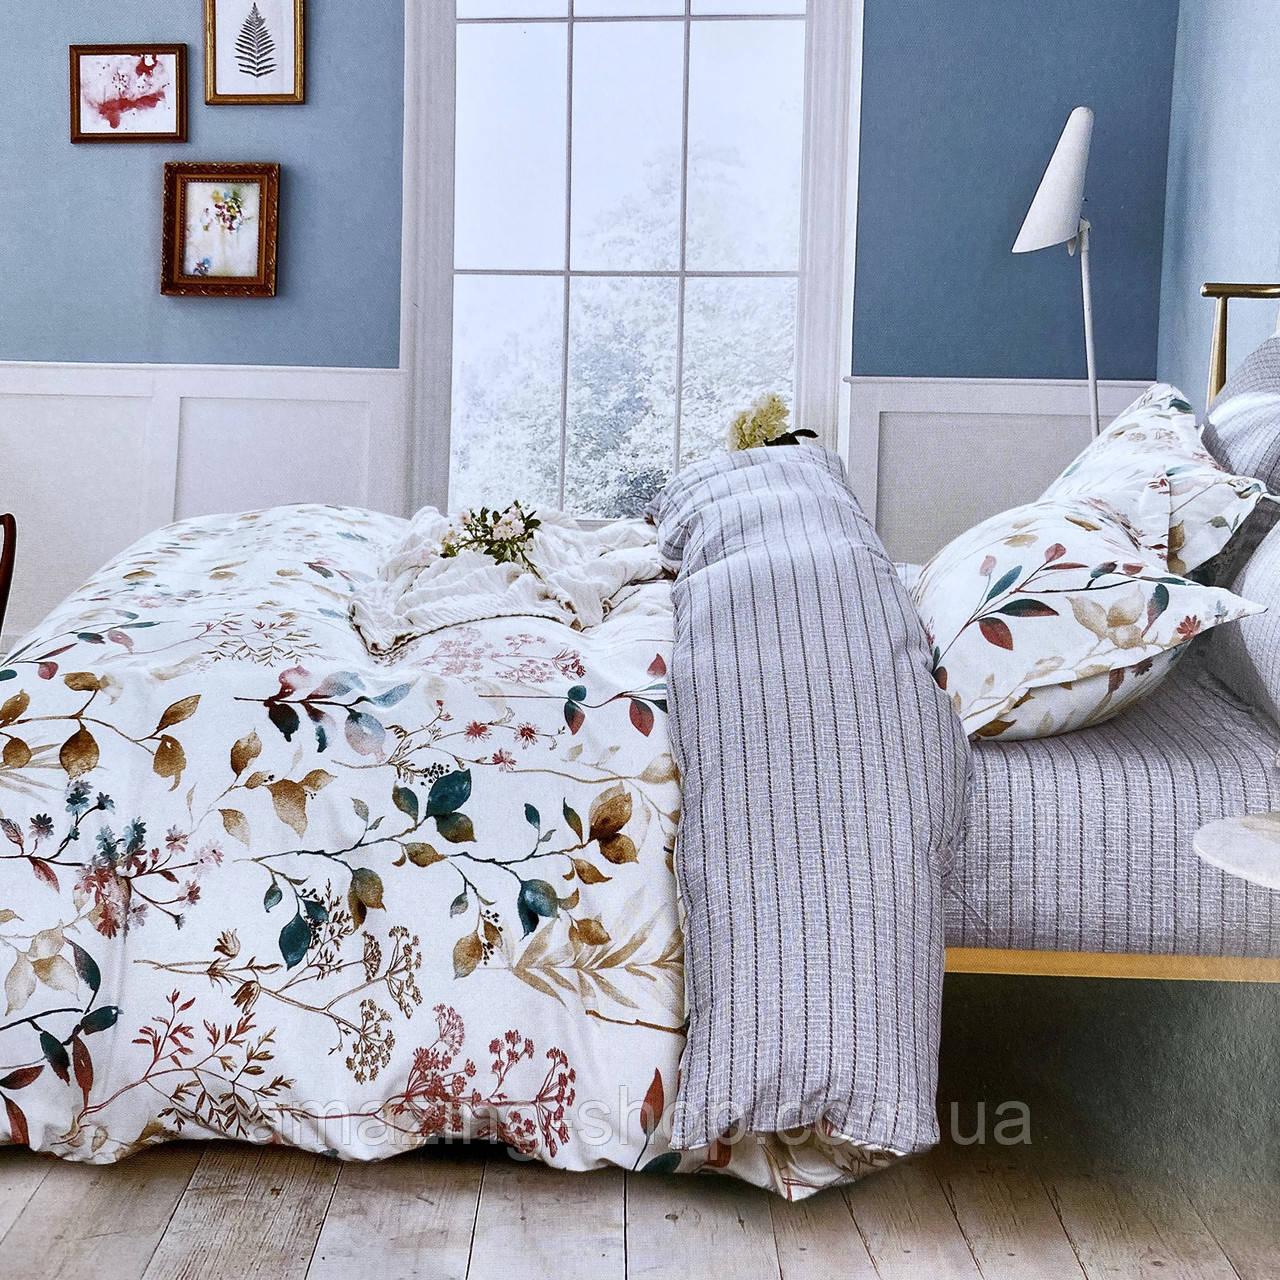 Евро комплект постельного белья с двумя комплектами наволочками 50*50см и 50*70см. Евро размер.